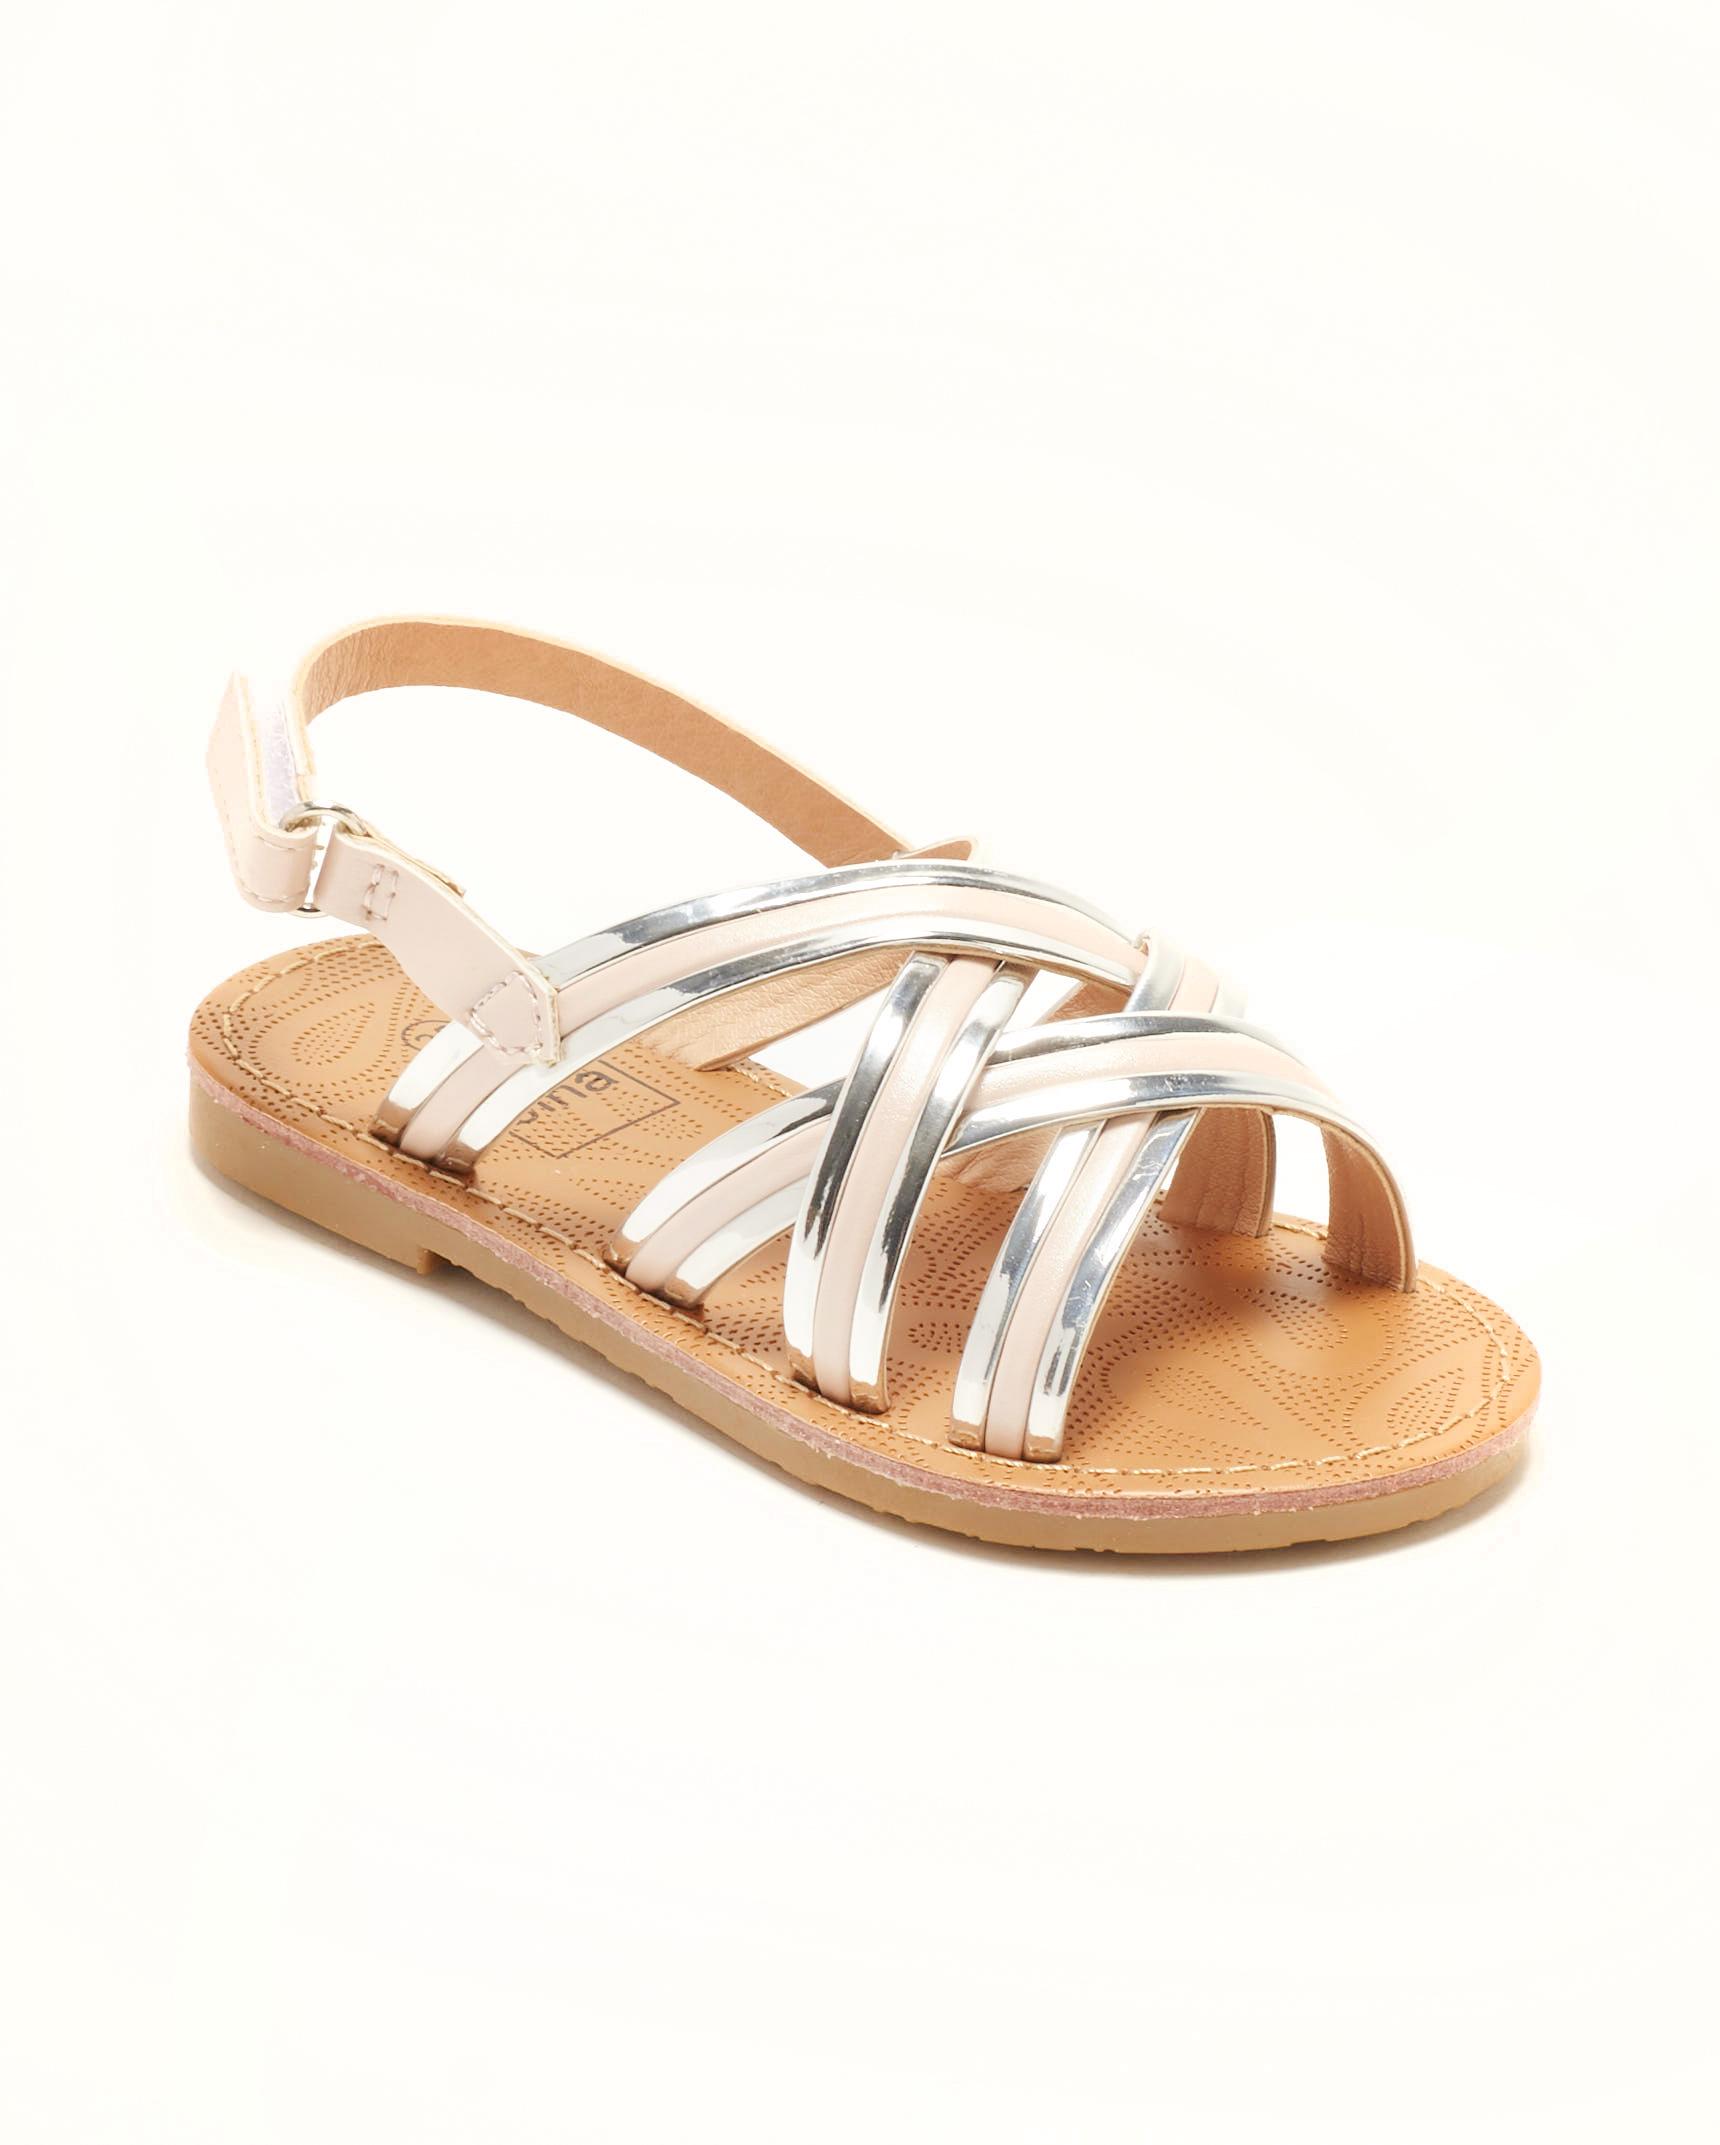 Sandales Fille - Sandale Ouverte Nude Argent Jina - Ydxls23j-4